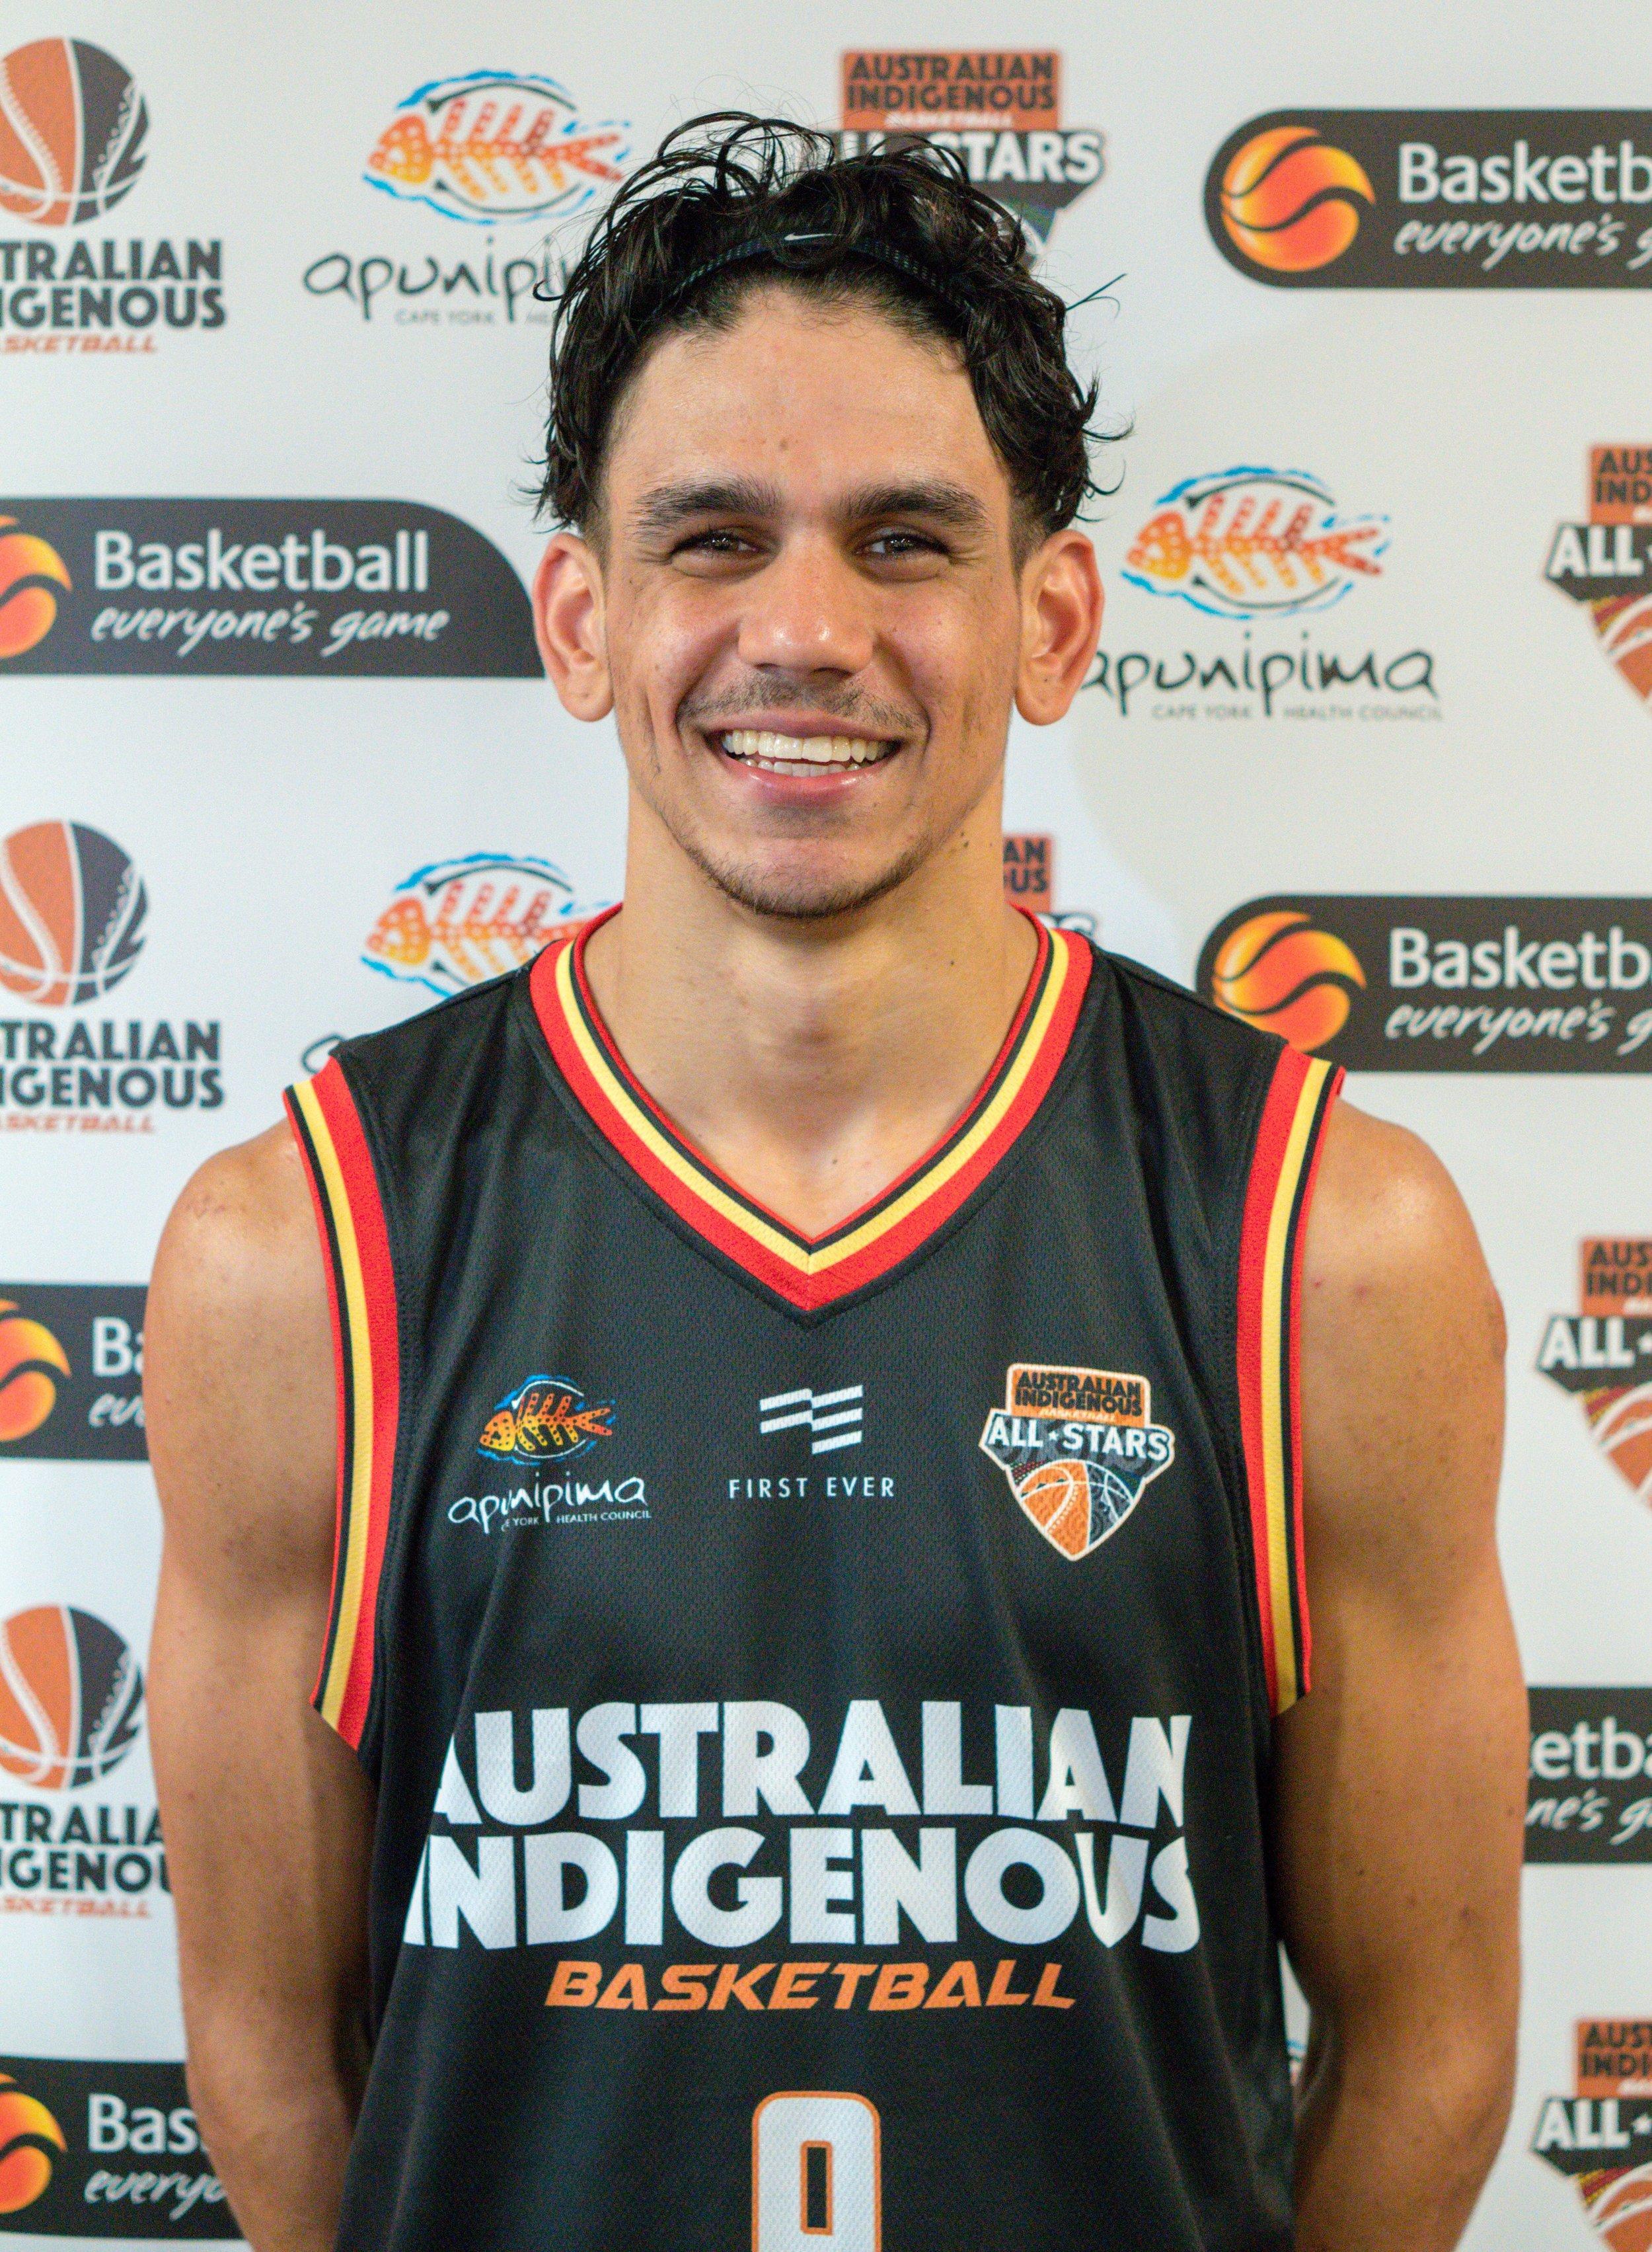 William (Davo) Hickey - Melbourne Tigers, VIC